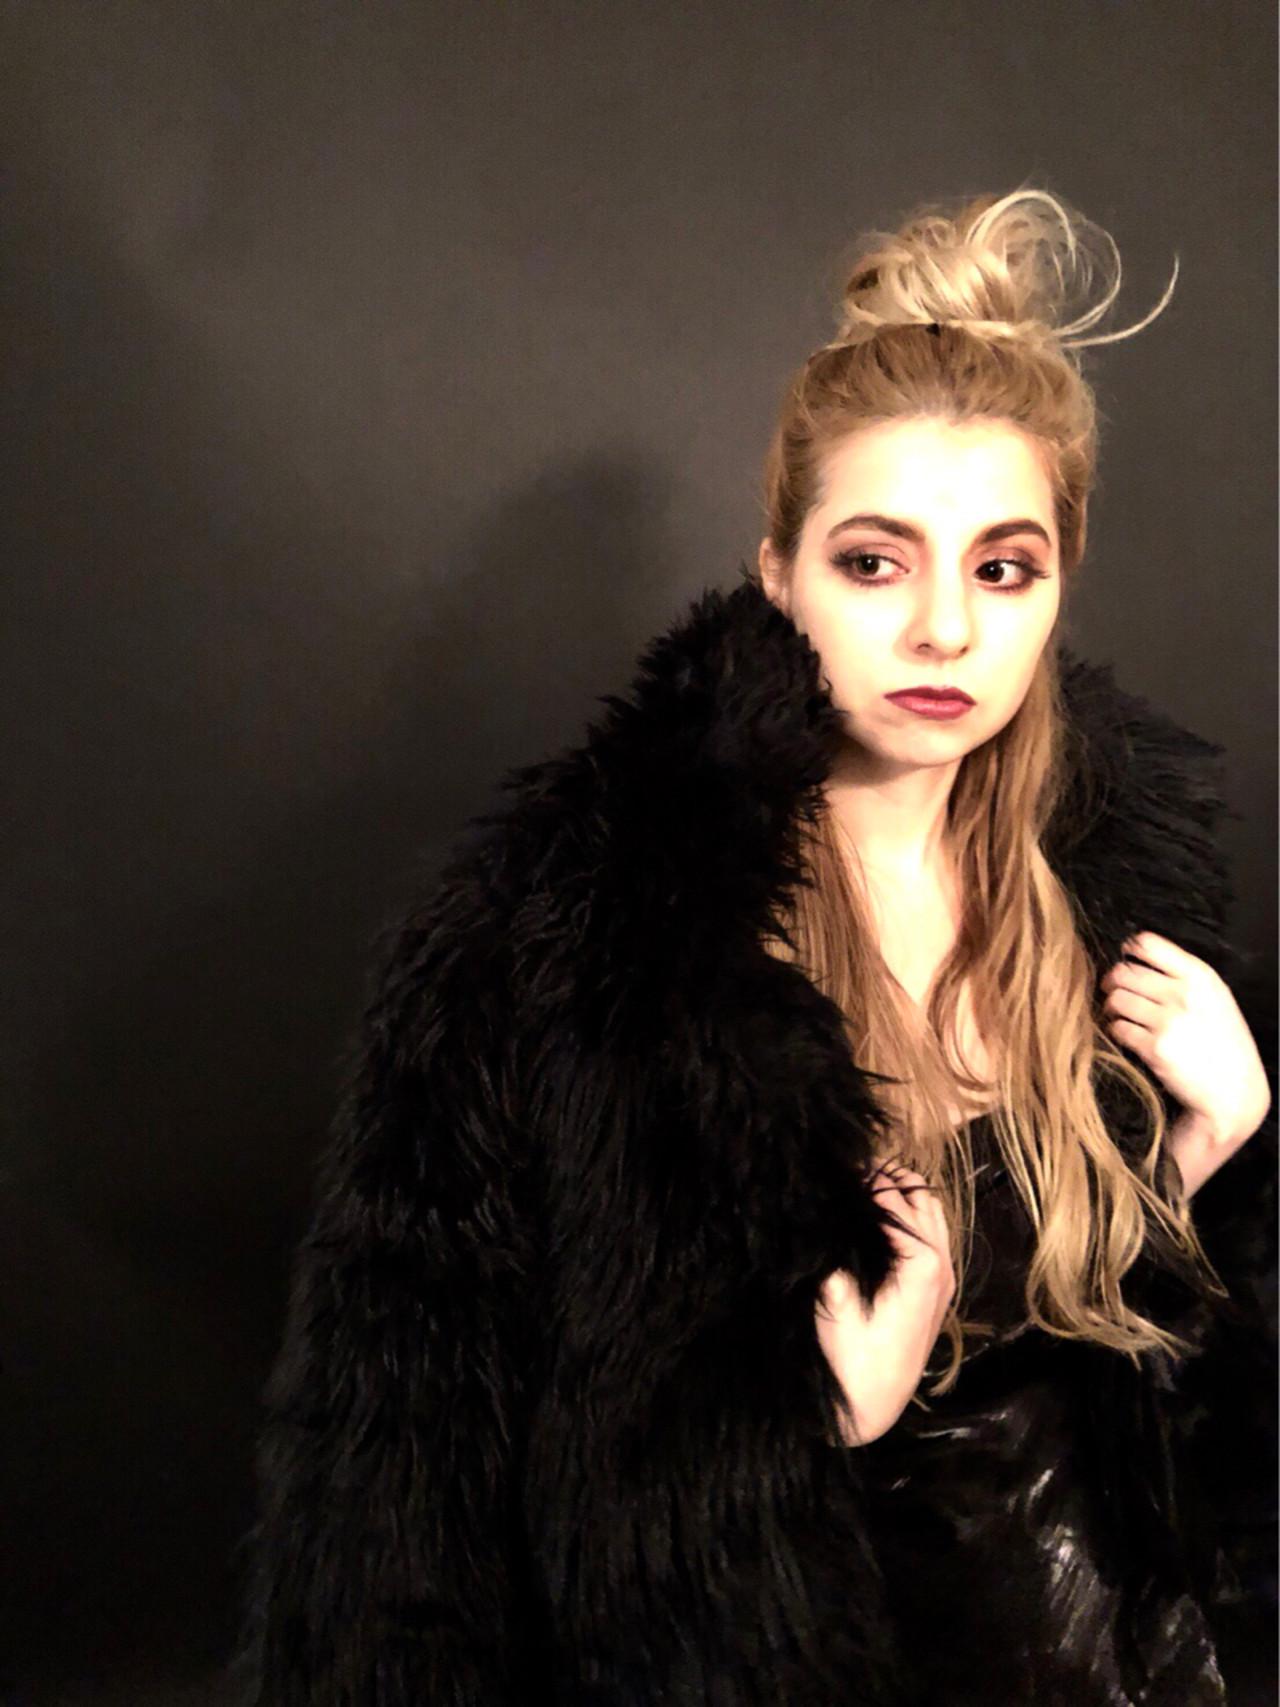 イルミナカラー エレガント ハイライト 上品 ヘアスタイルや髪型の写真・画像